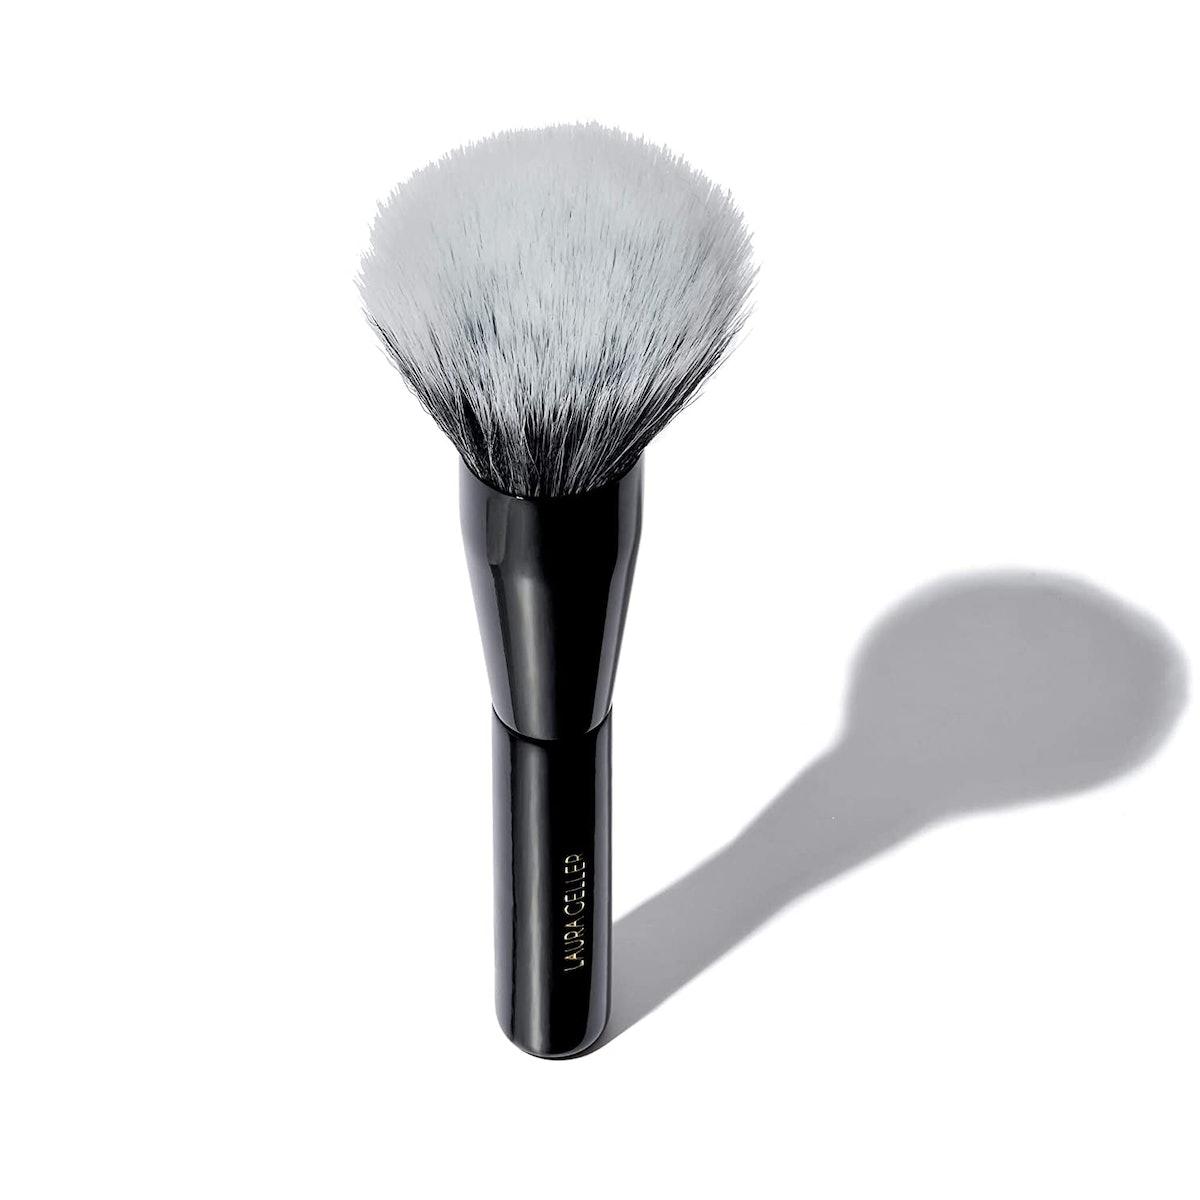 Laura Geller New York Full Face Powder Brush